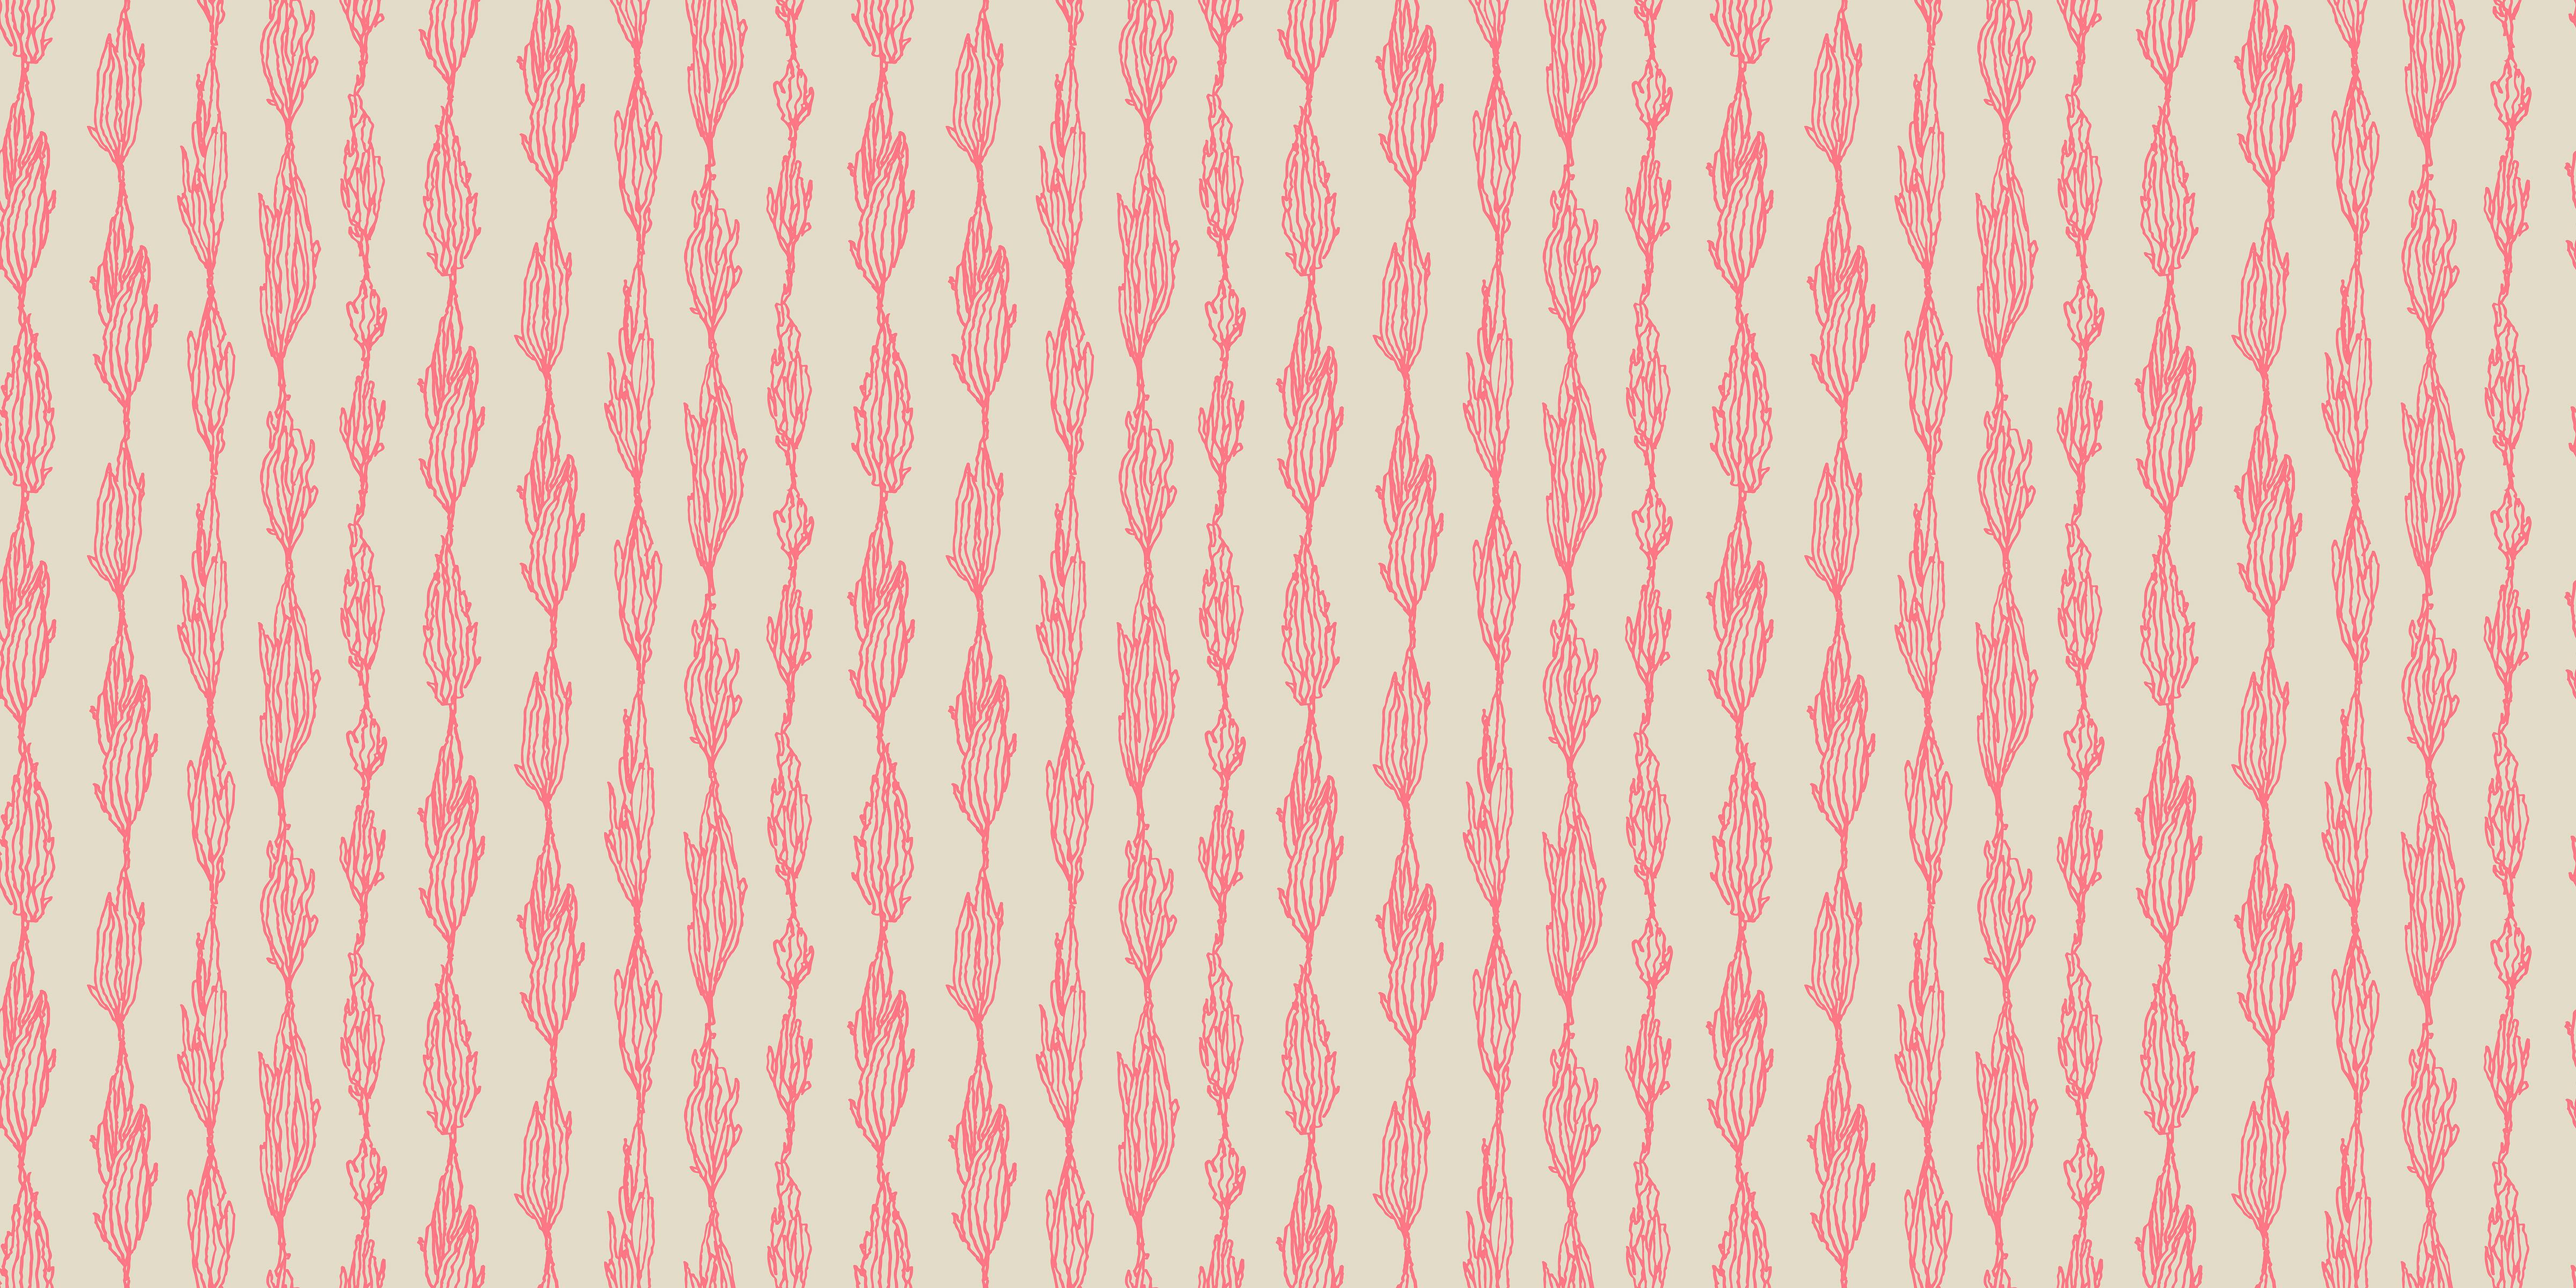 Organic leaves red ink drawings pattern